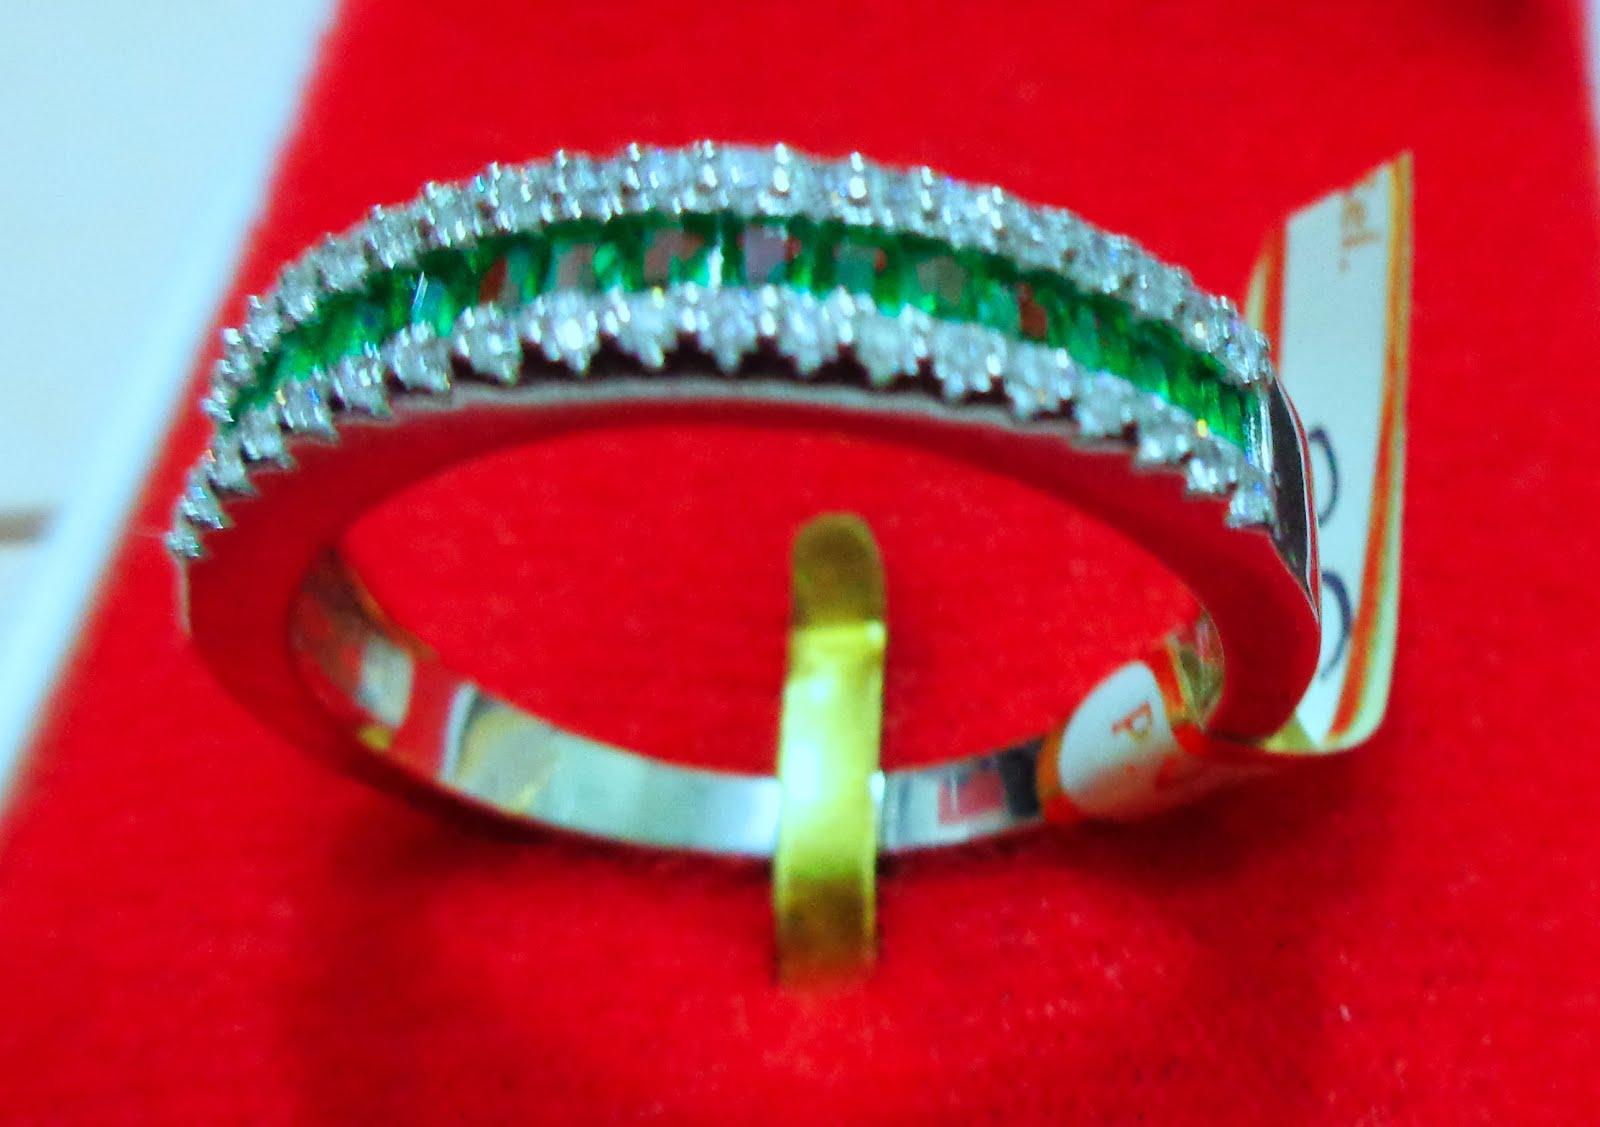 Sortija de plata con circonitas blancas y verdes.